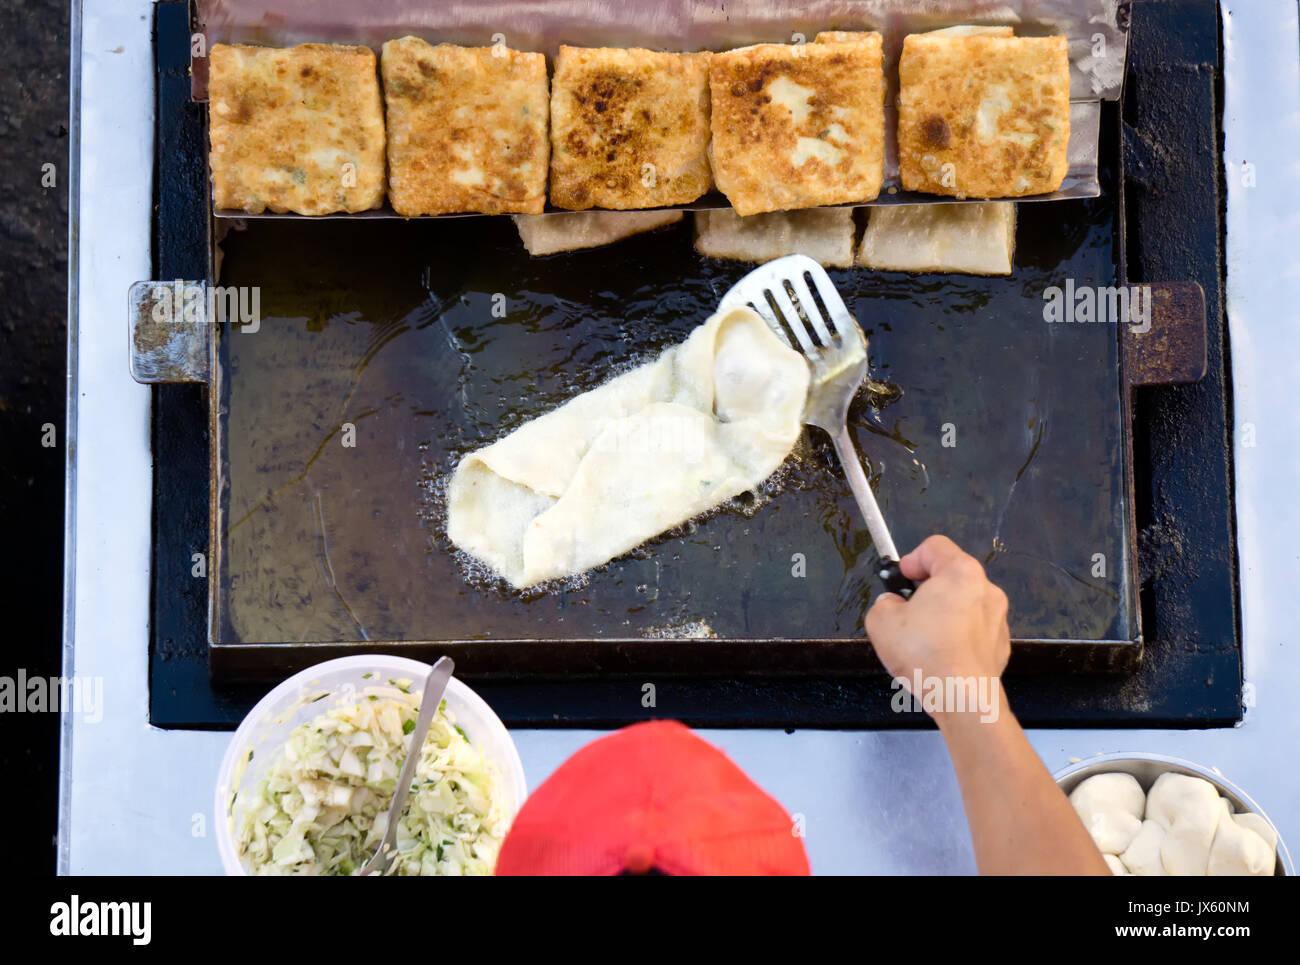 Top view of a man hand cooking vegetables martabak jawa in Kota Kinabalu City open market in Sabah Borneo. Martabak Jawa also known as stuffed pancake - Stock Image